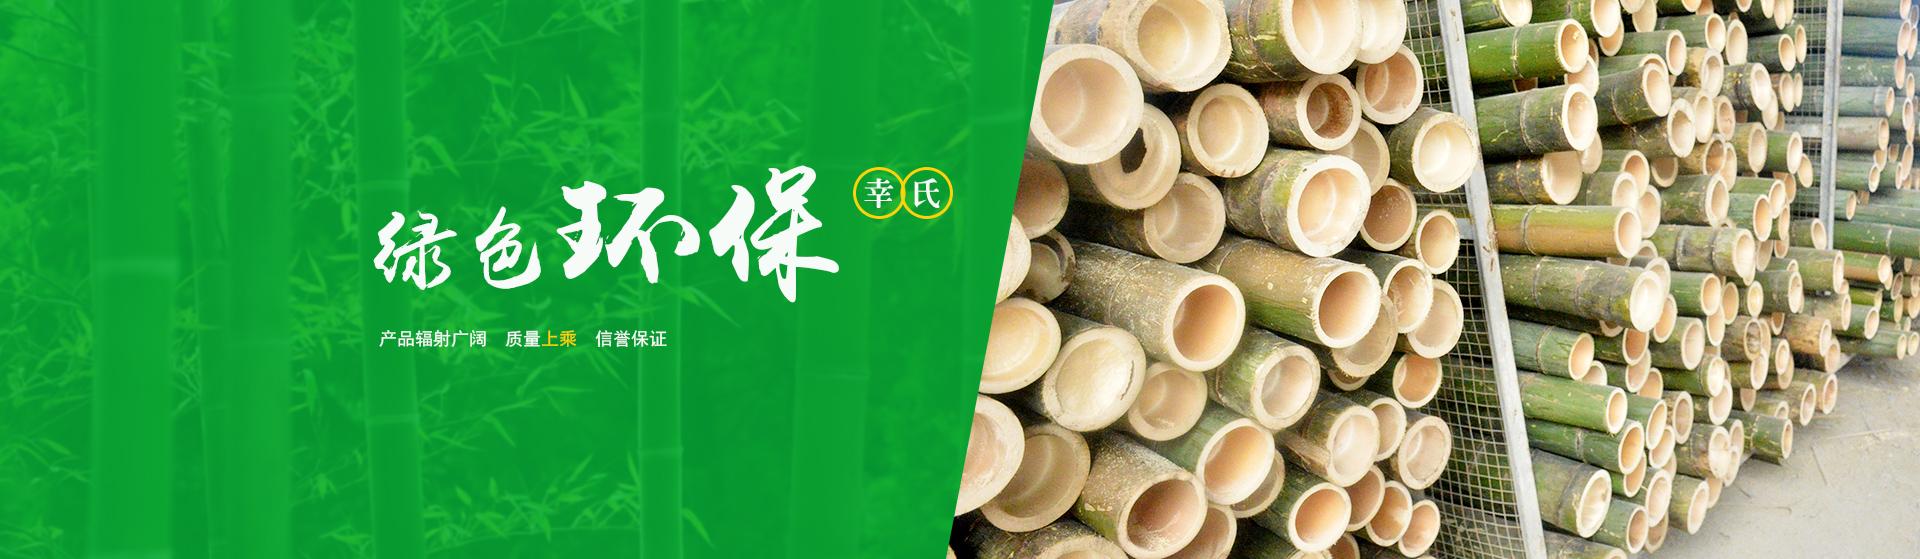 泸州酒店专用筷